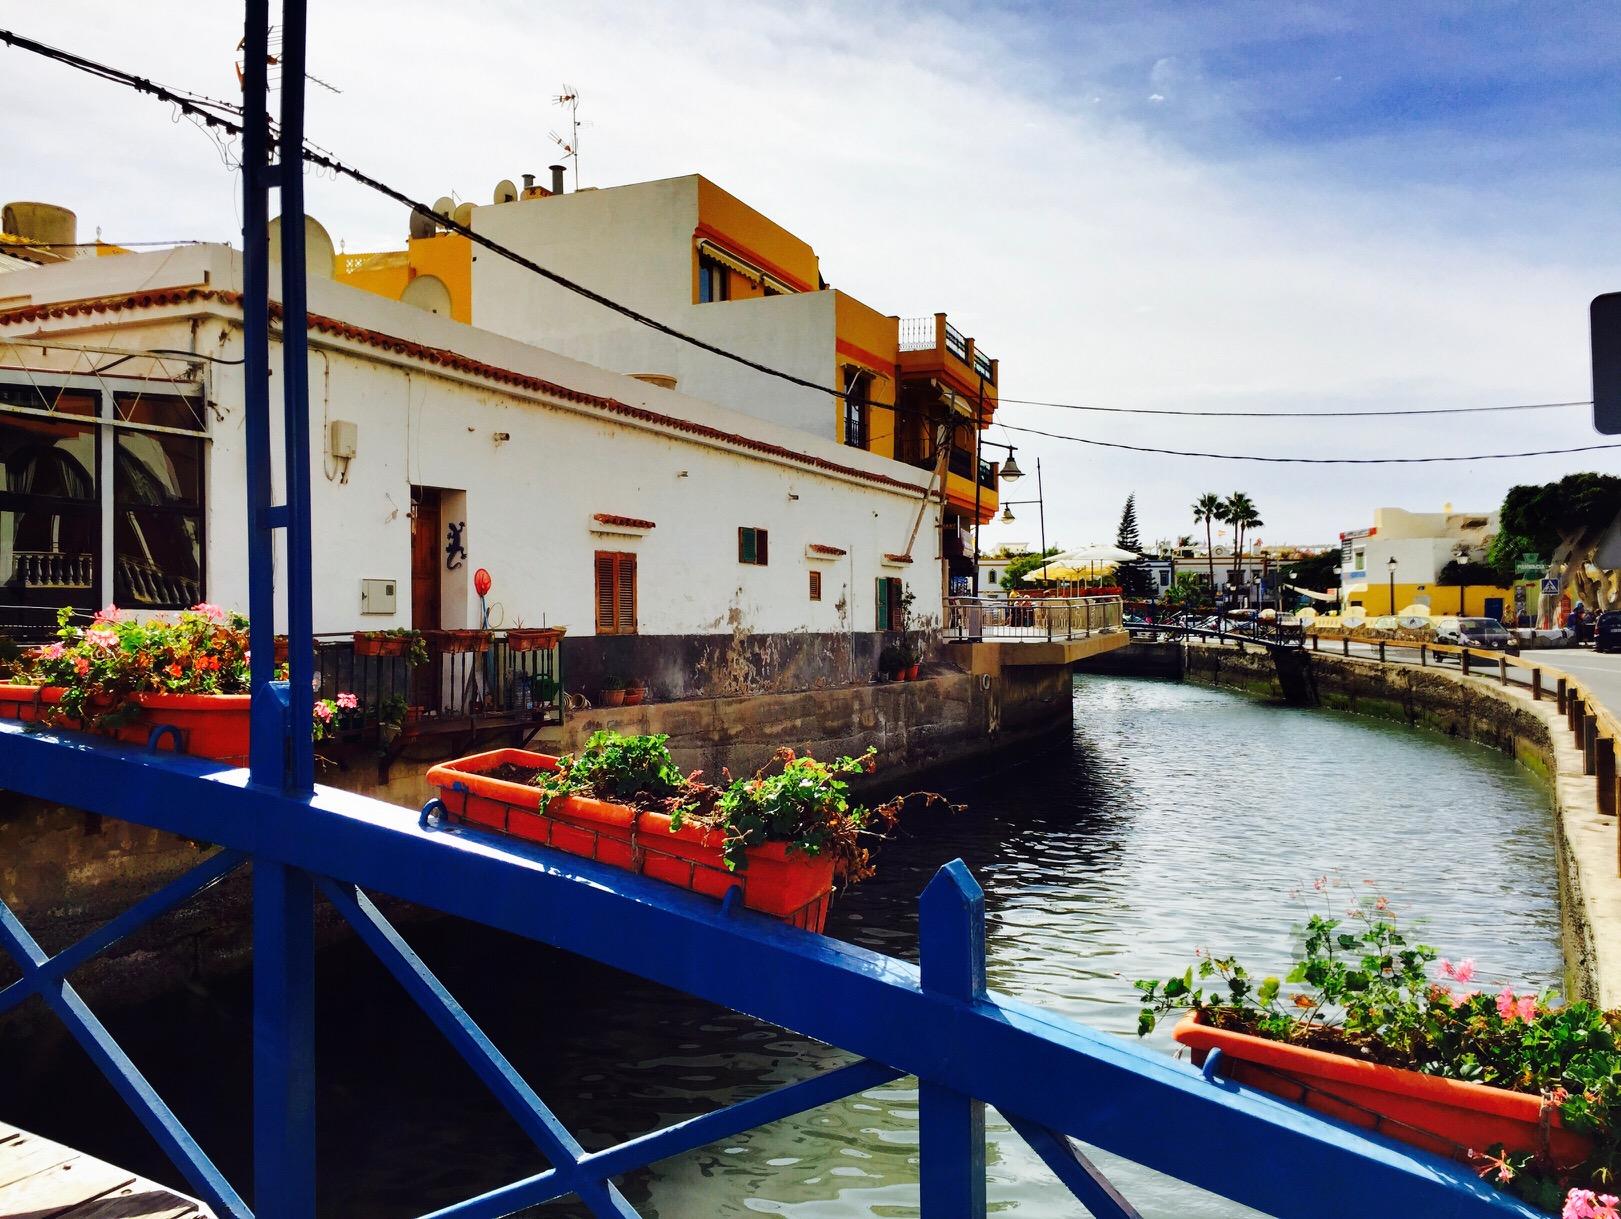 Sicht von einer kleinen Brücke in Puerto de Mogan, Gran Canaria